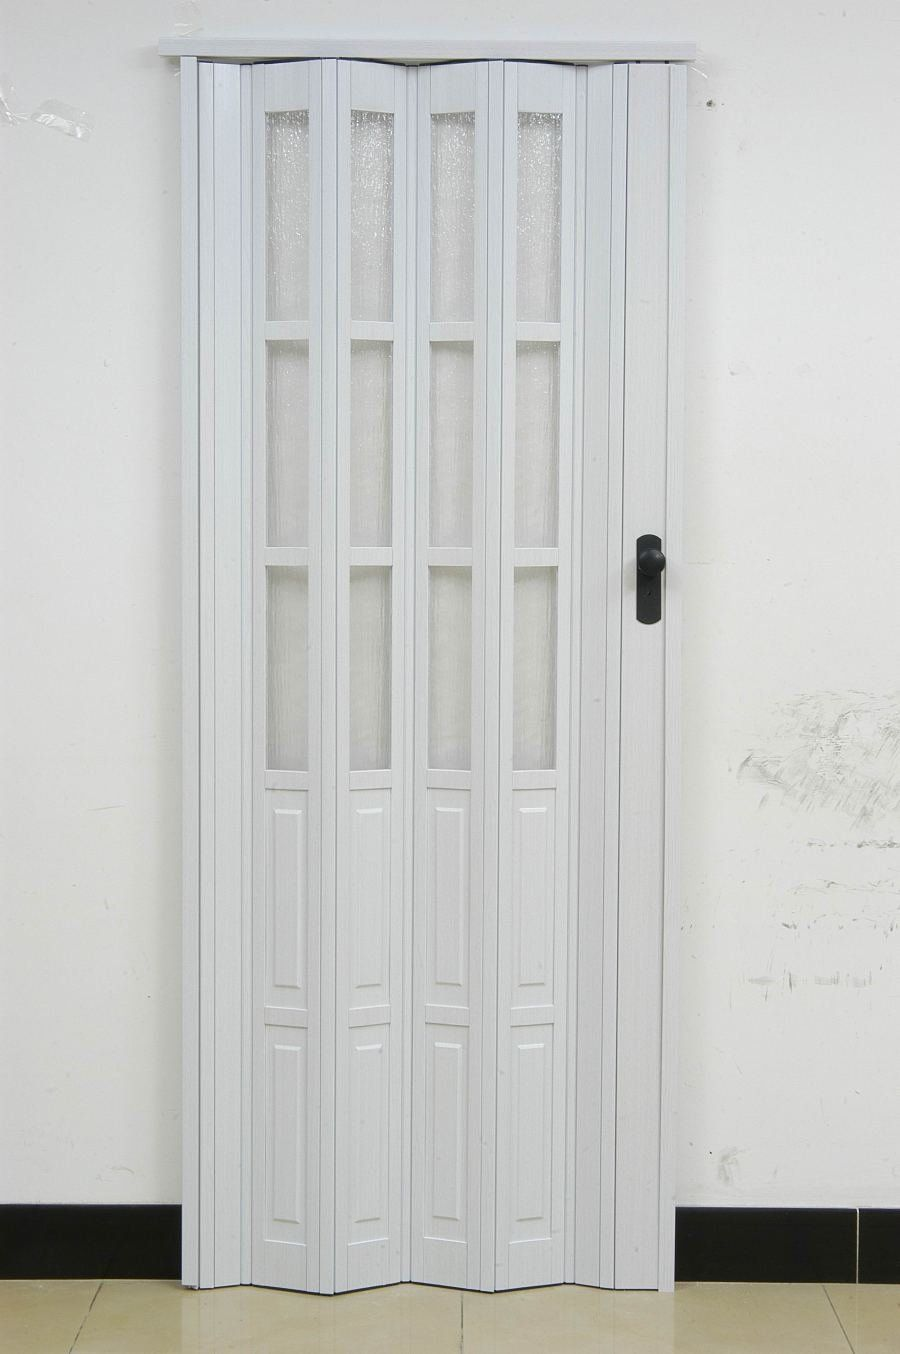 pvc folding door l10 003pscasual doorplastic doorsh205cm